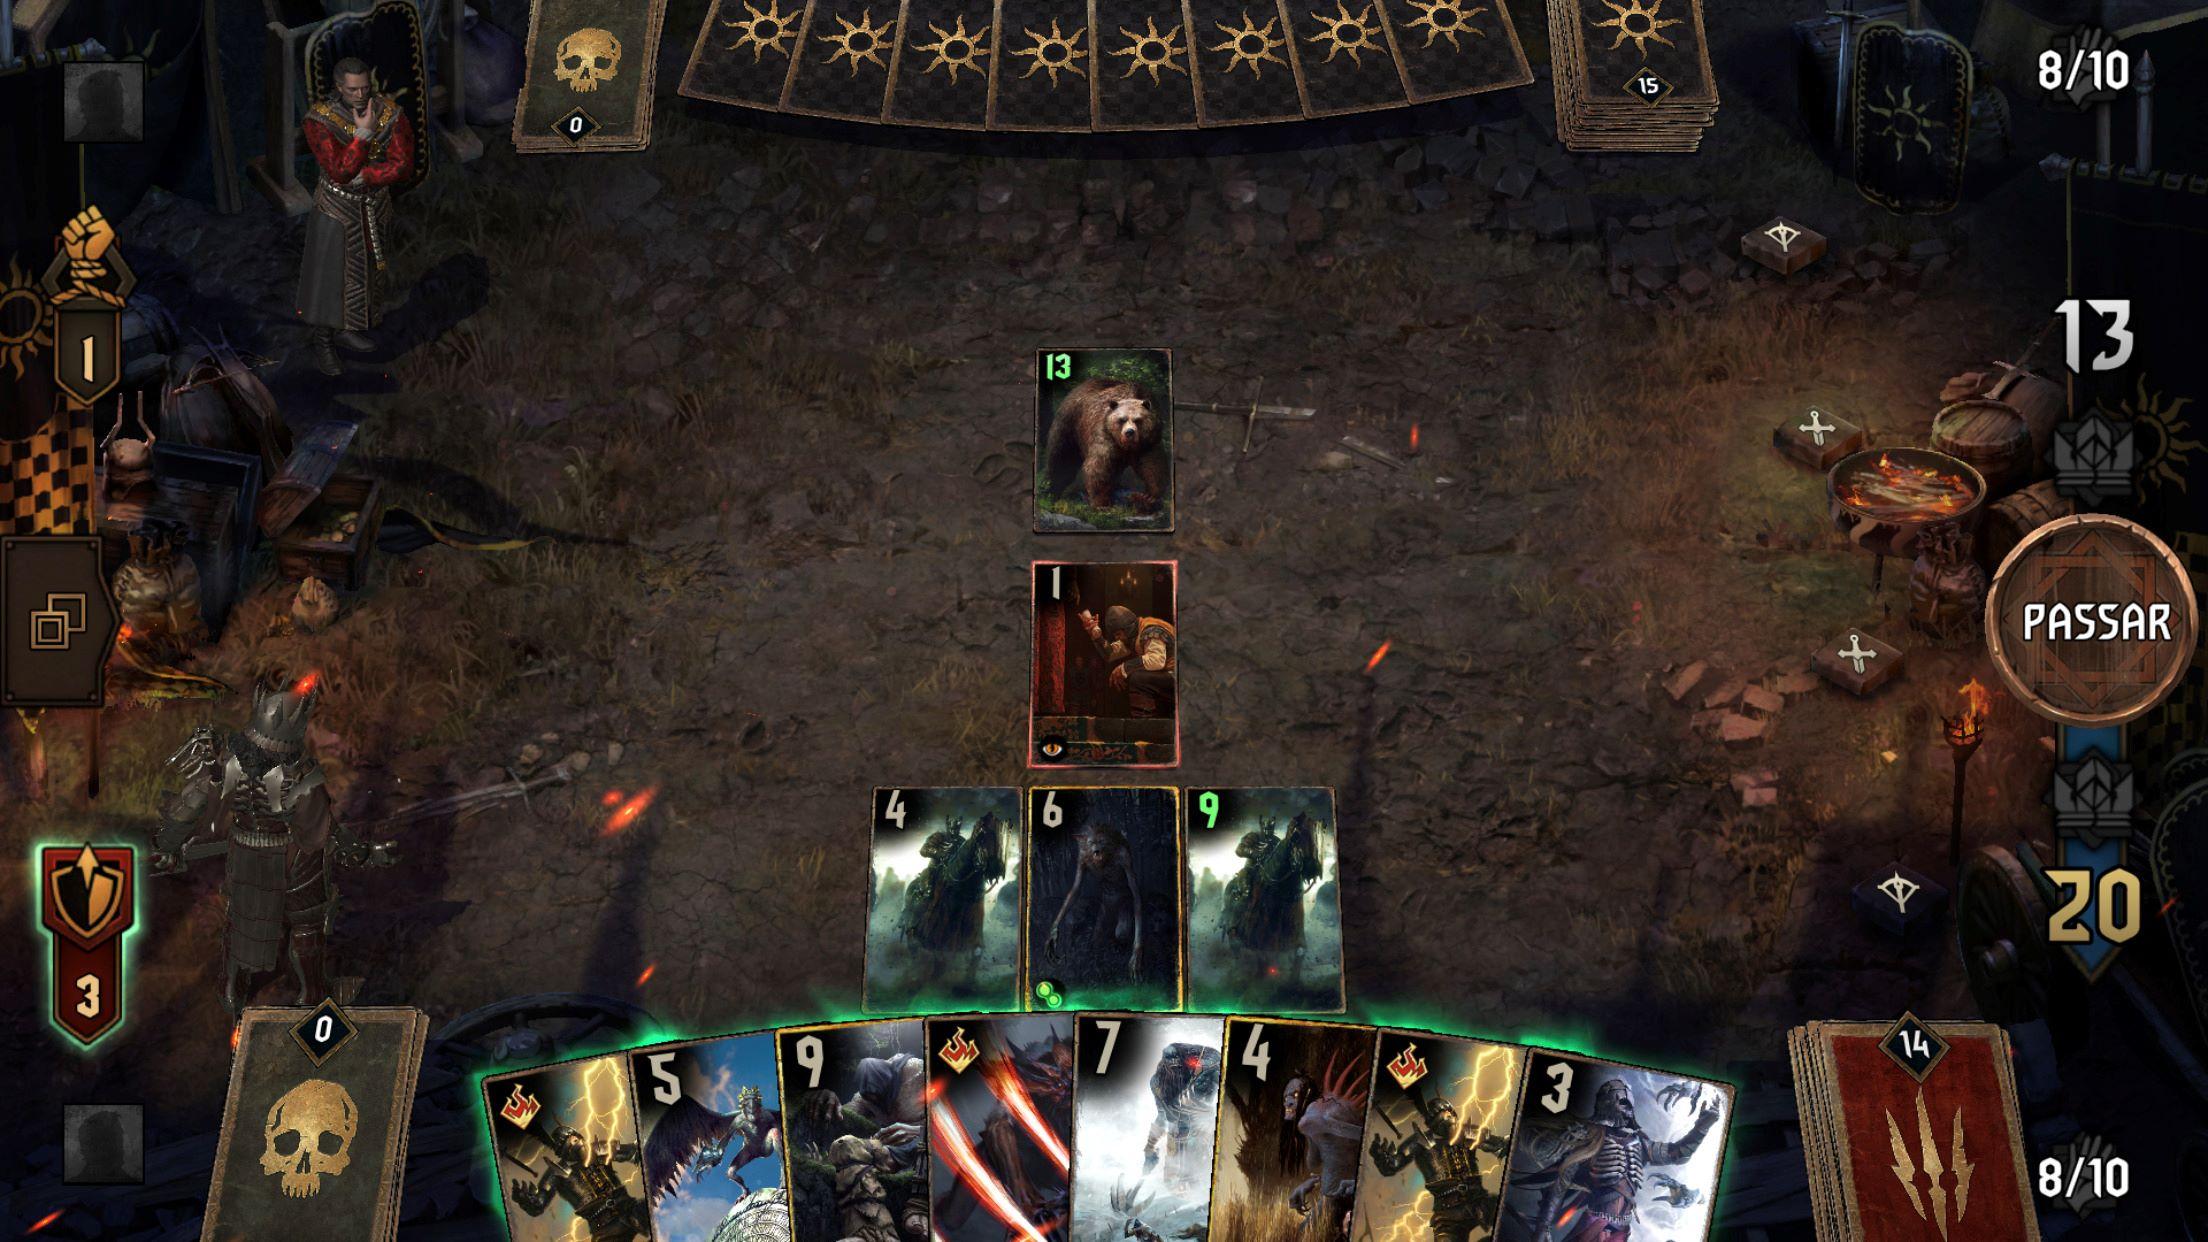 campo do jogo de carta Gwent